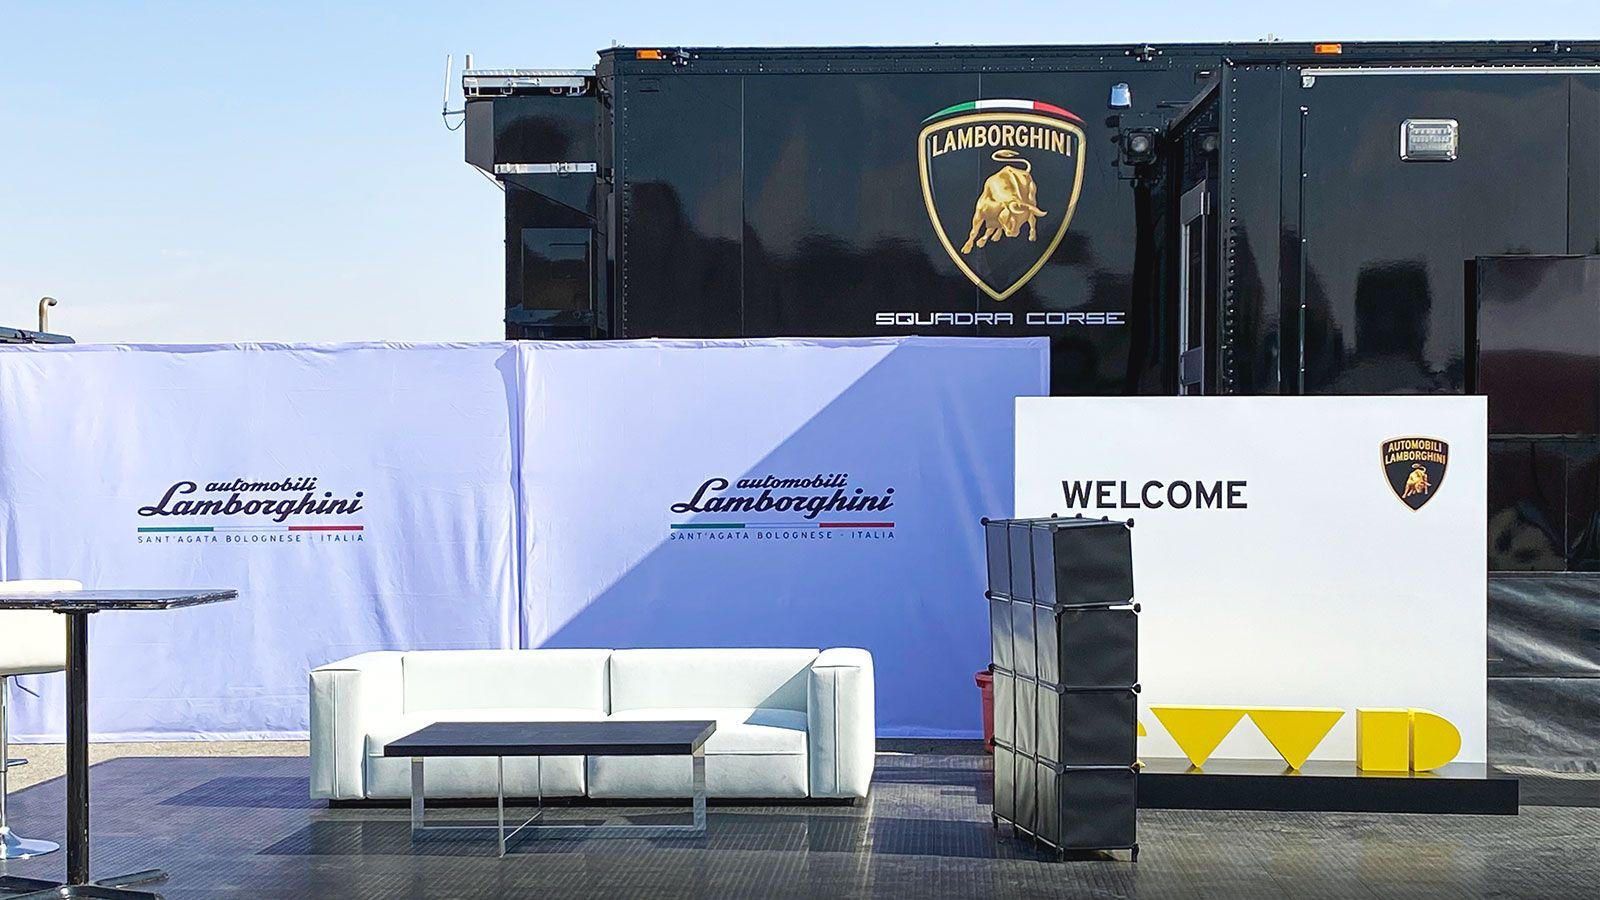 Lamborghini pop up displays